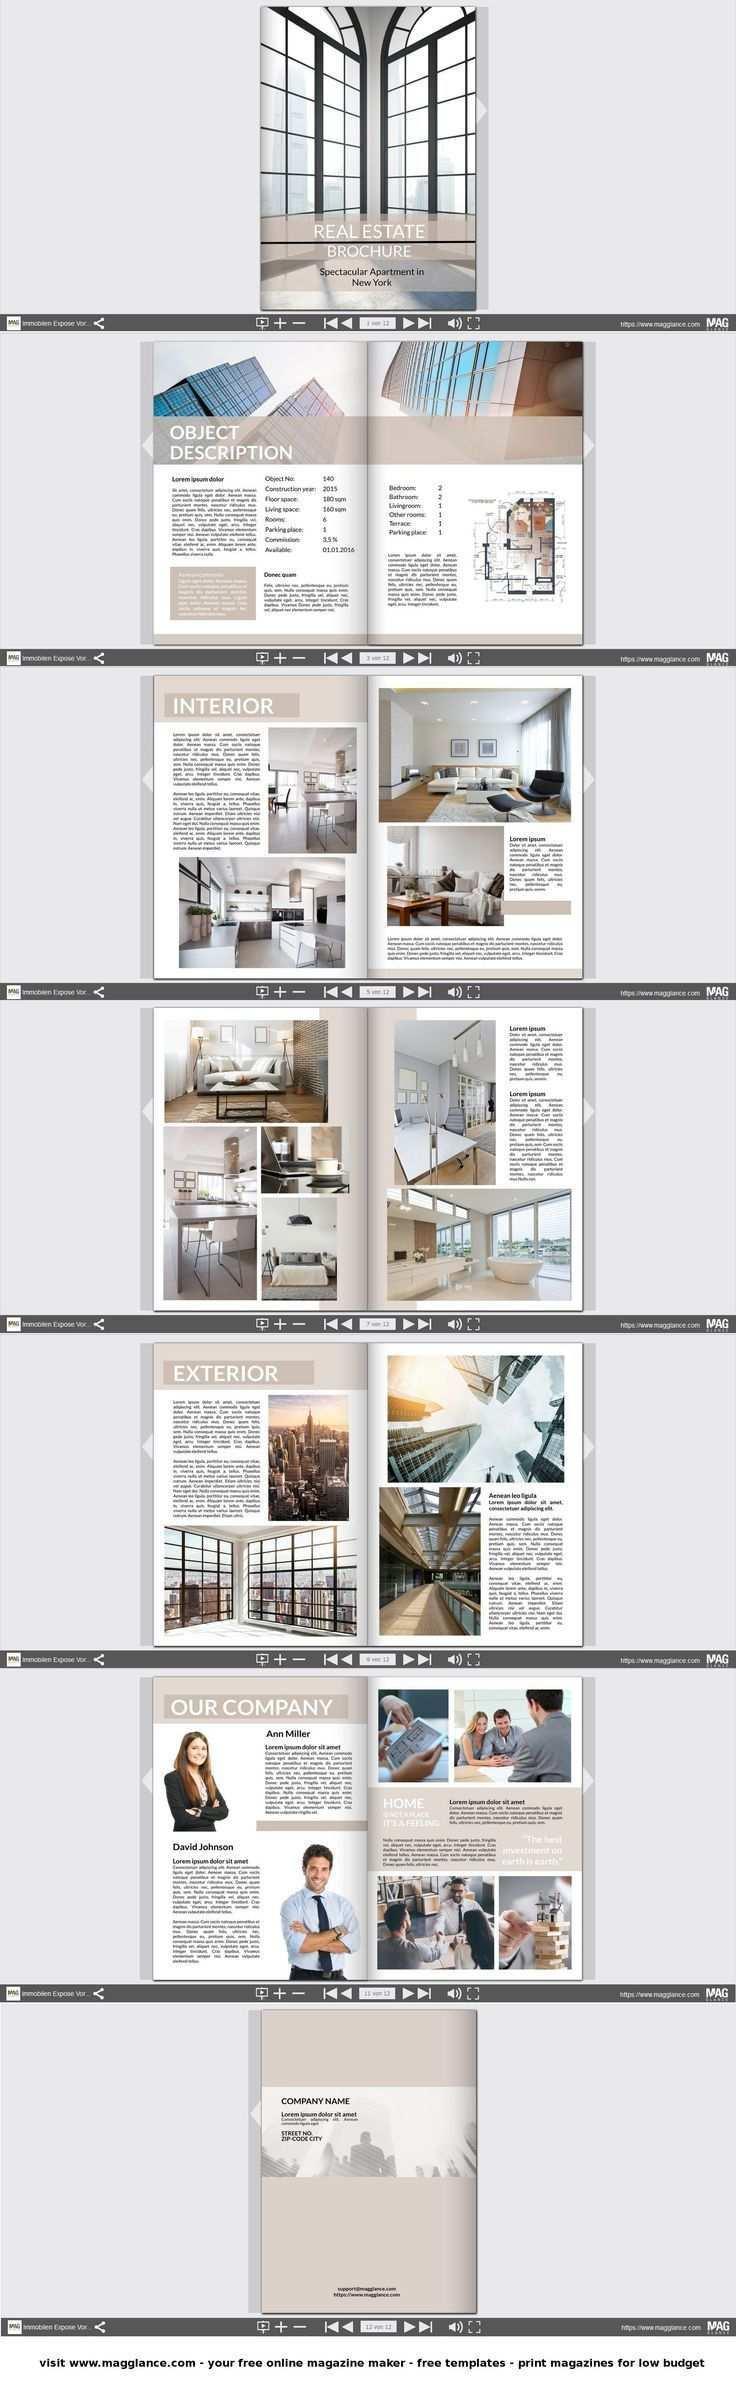 Immobilien Expose Kostenlos Online Erstellen Und Gunstig Drucken Unter De Maggl Hautpflege Demaggl Druc Expose Immobilien Immobilien Broschure Design